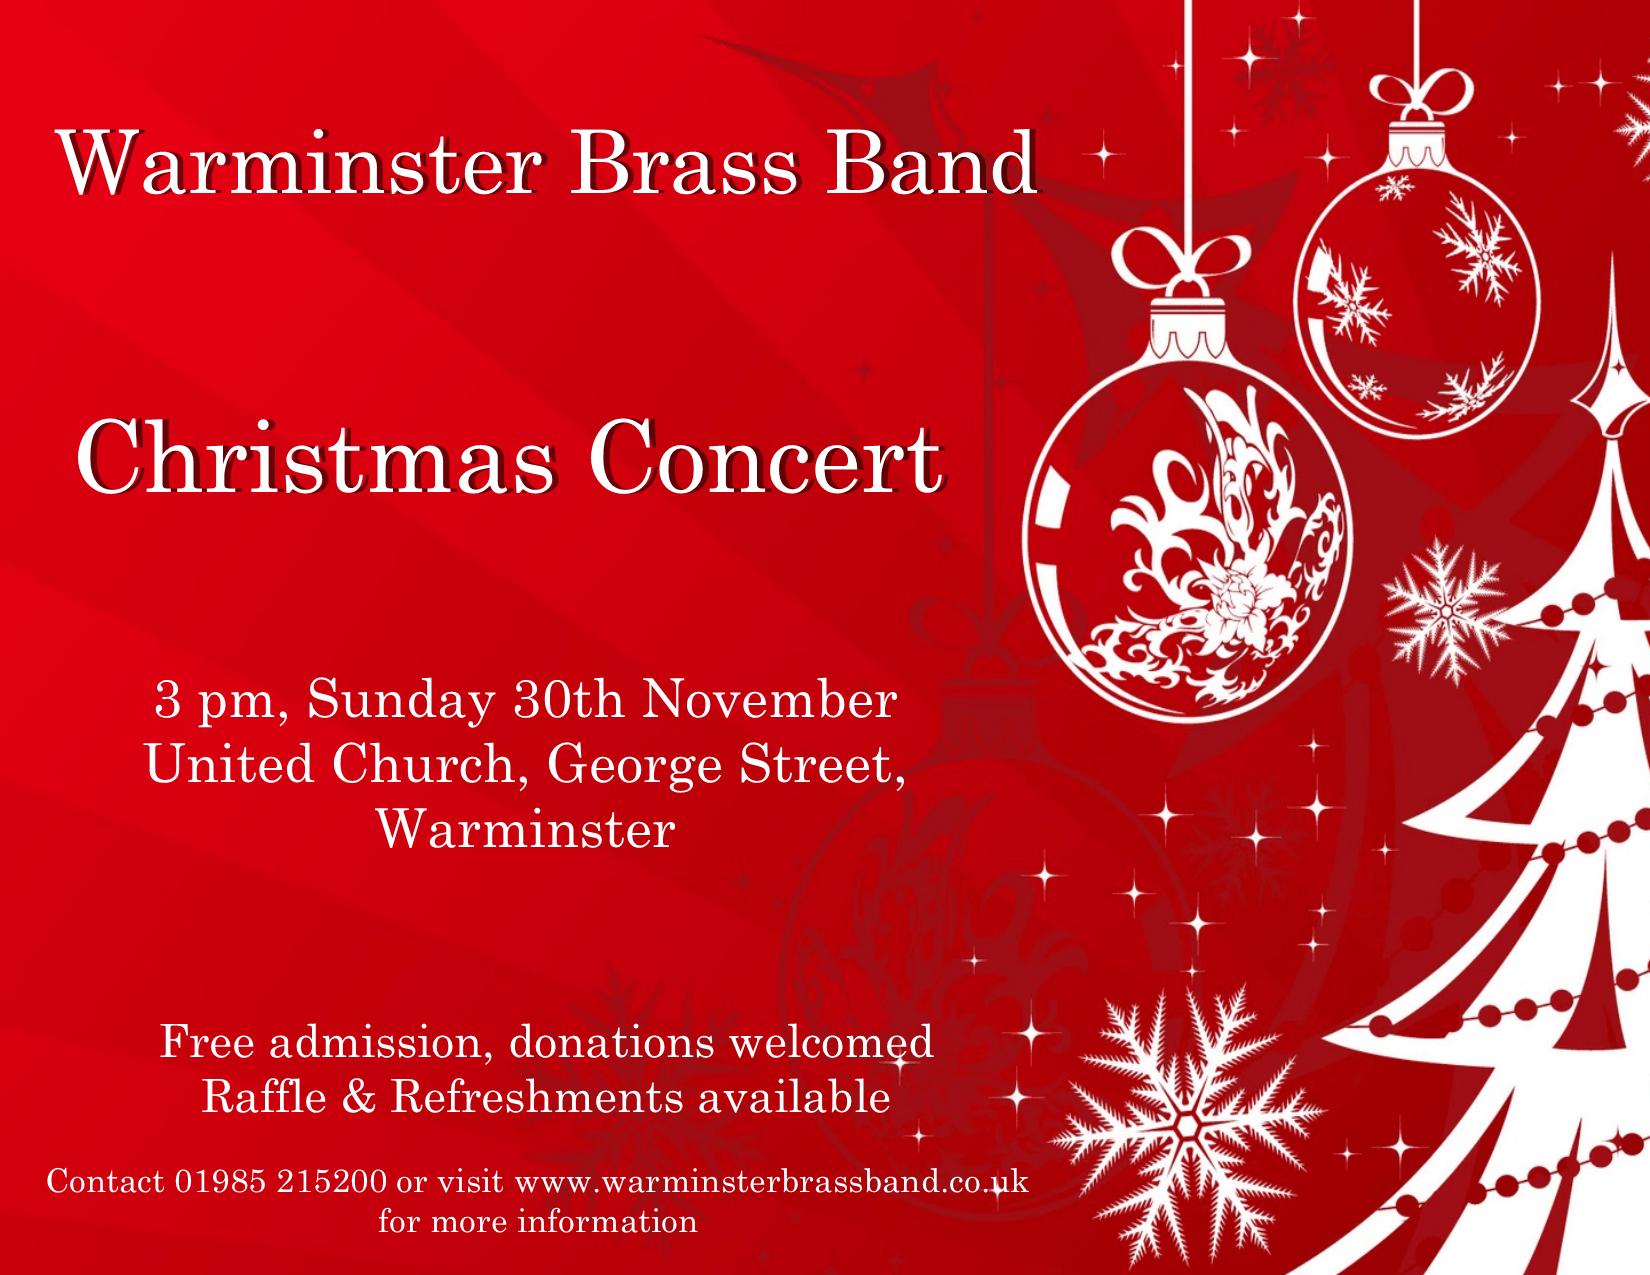 Christmas Concert 2014 Warminster Brass Band